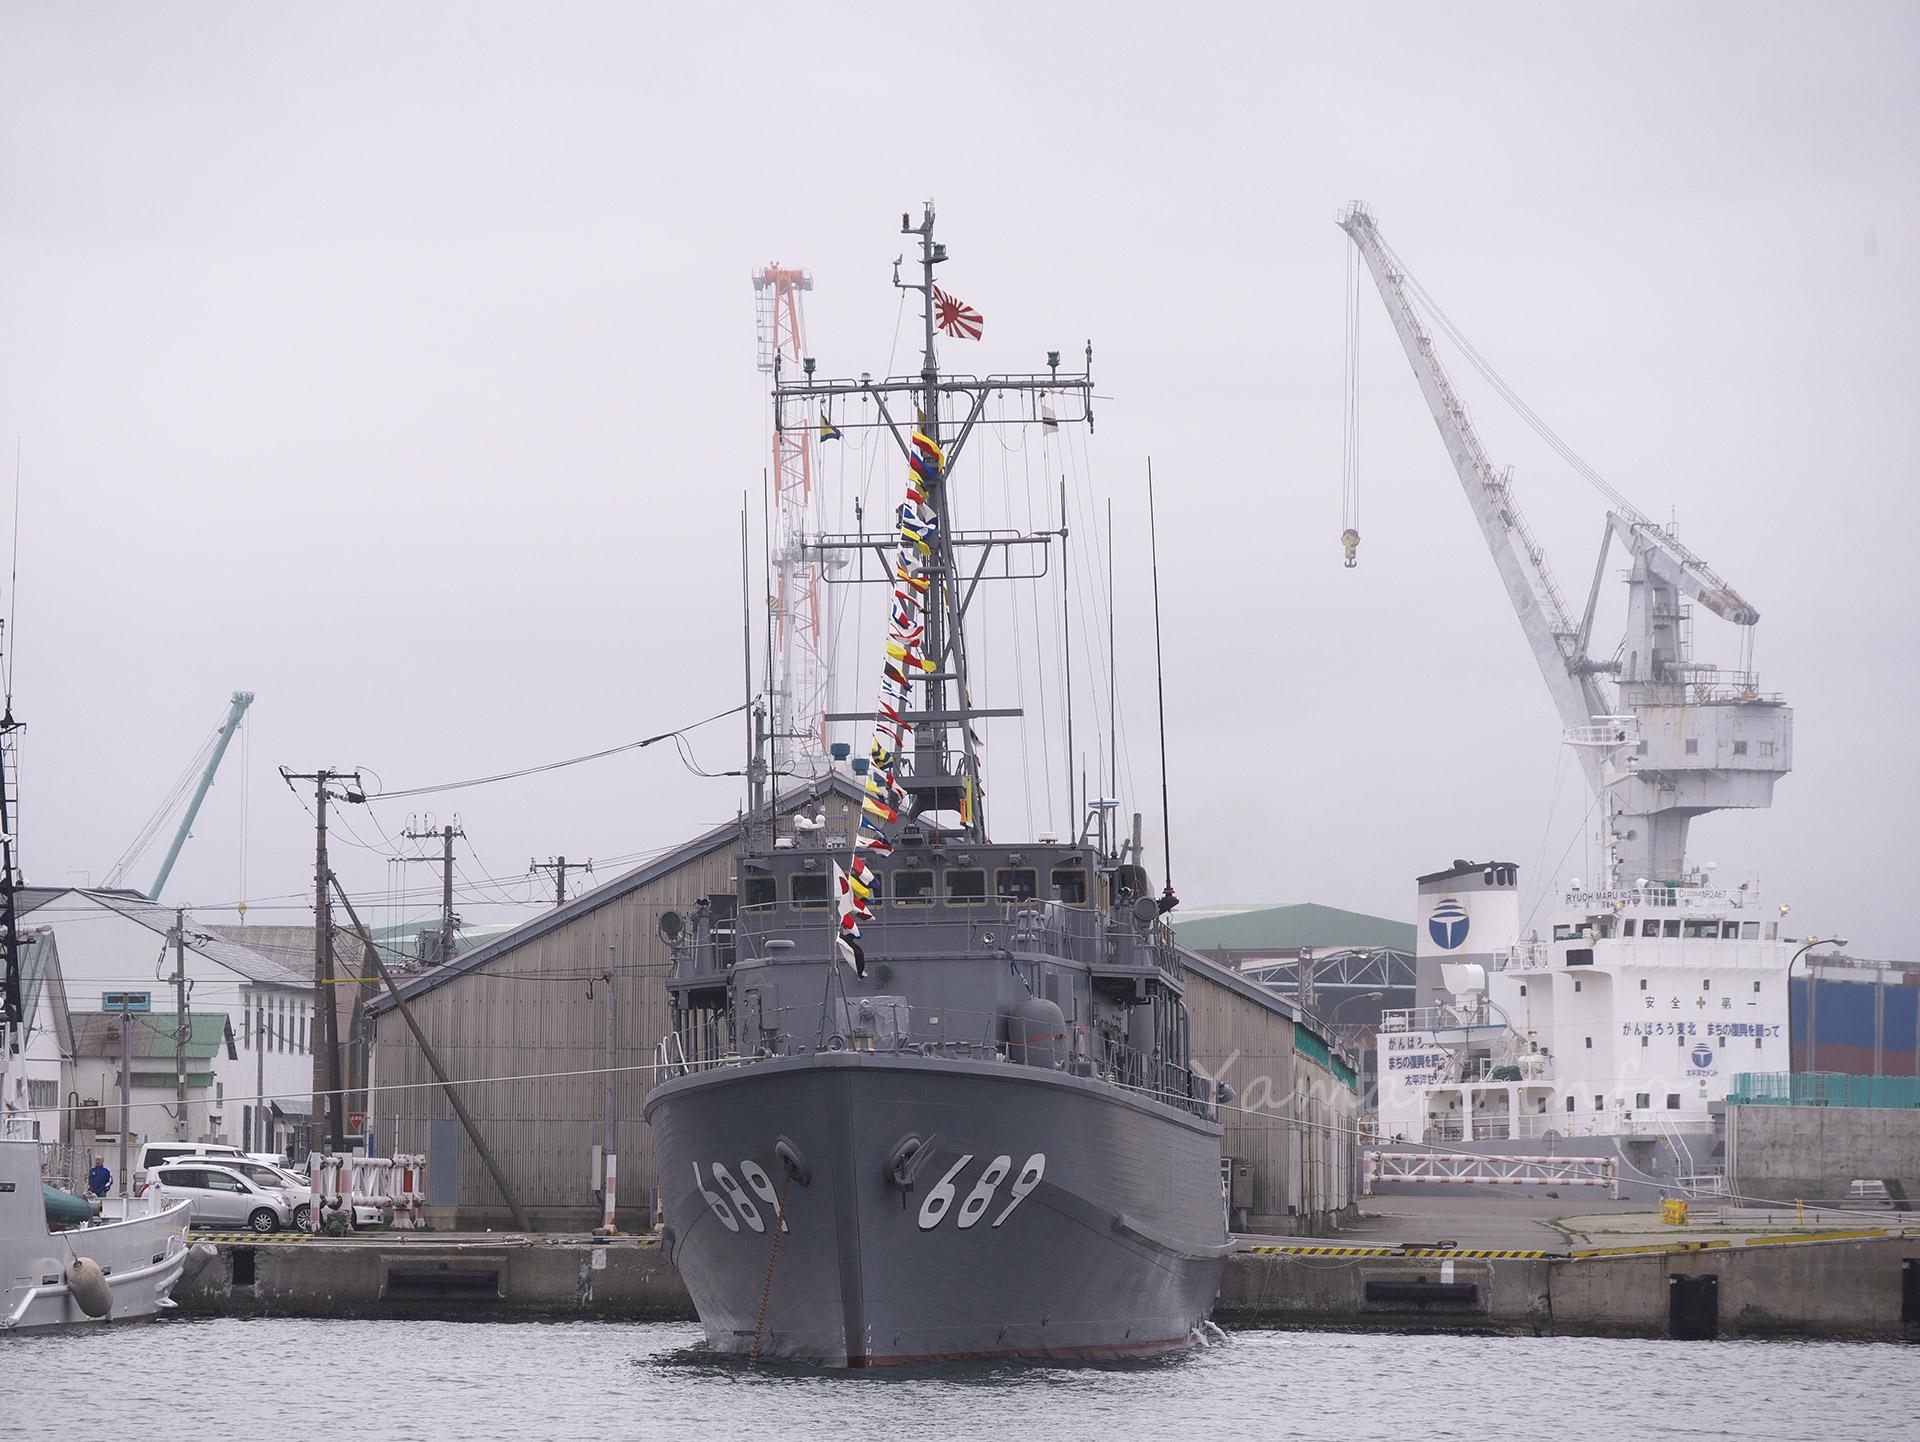 掃海艇「あおしま」(MSC-689)